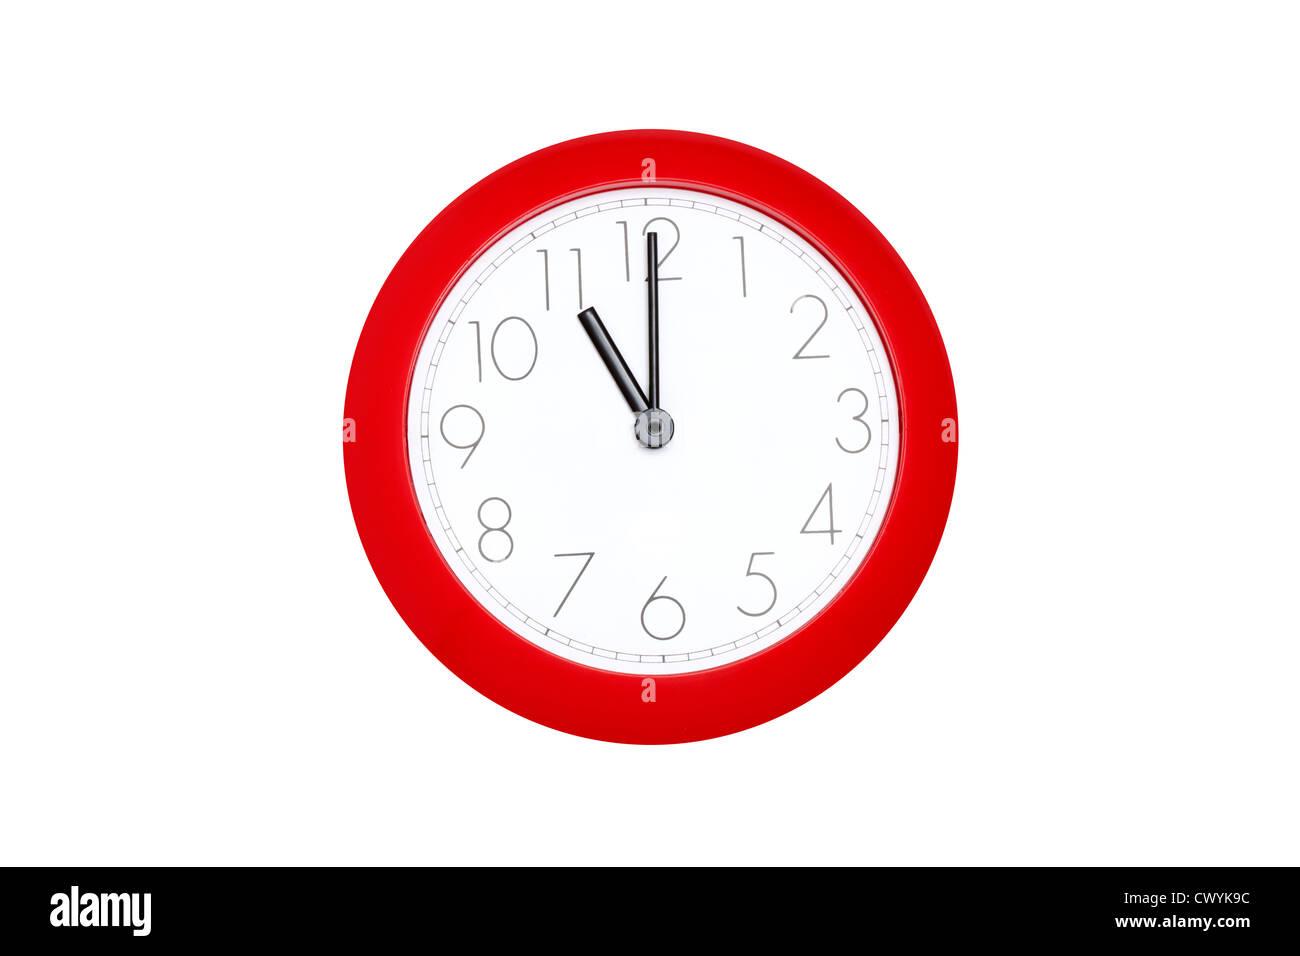 Onze heures d'horloge rouge Photo Stock